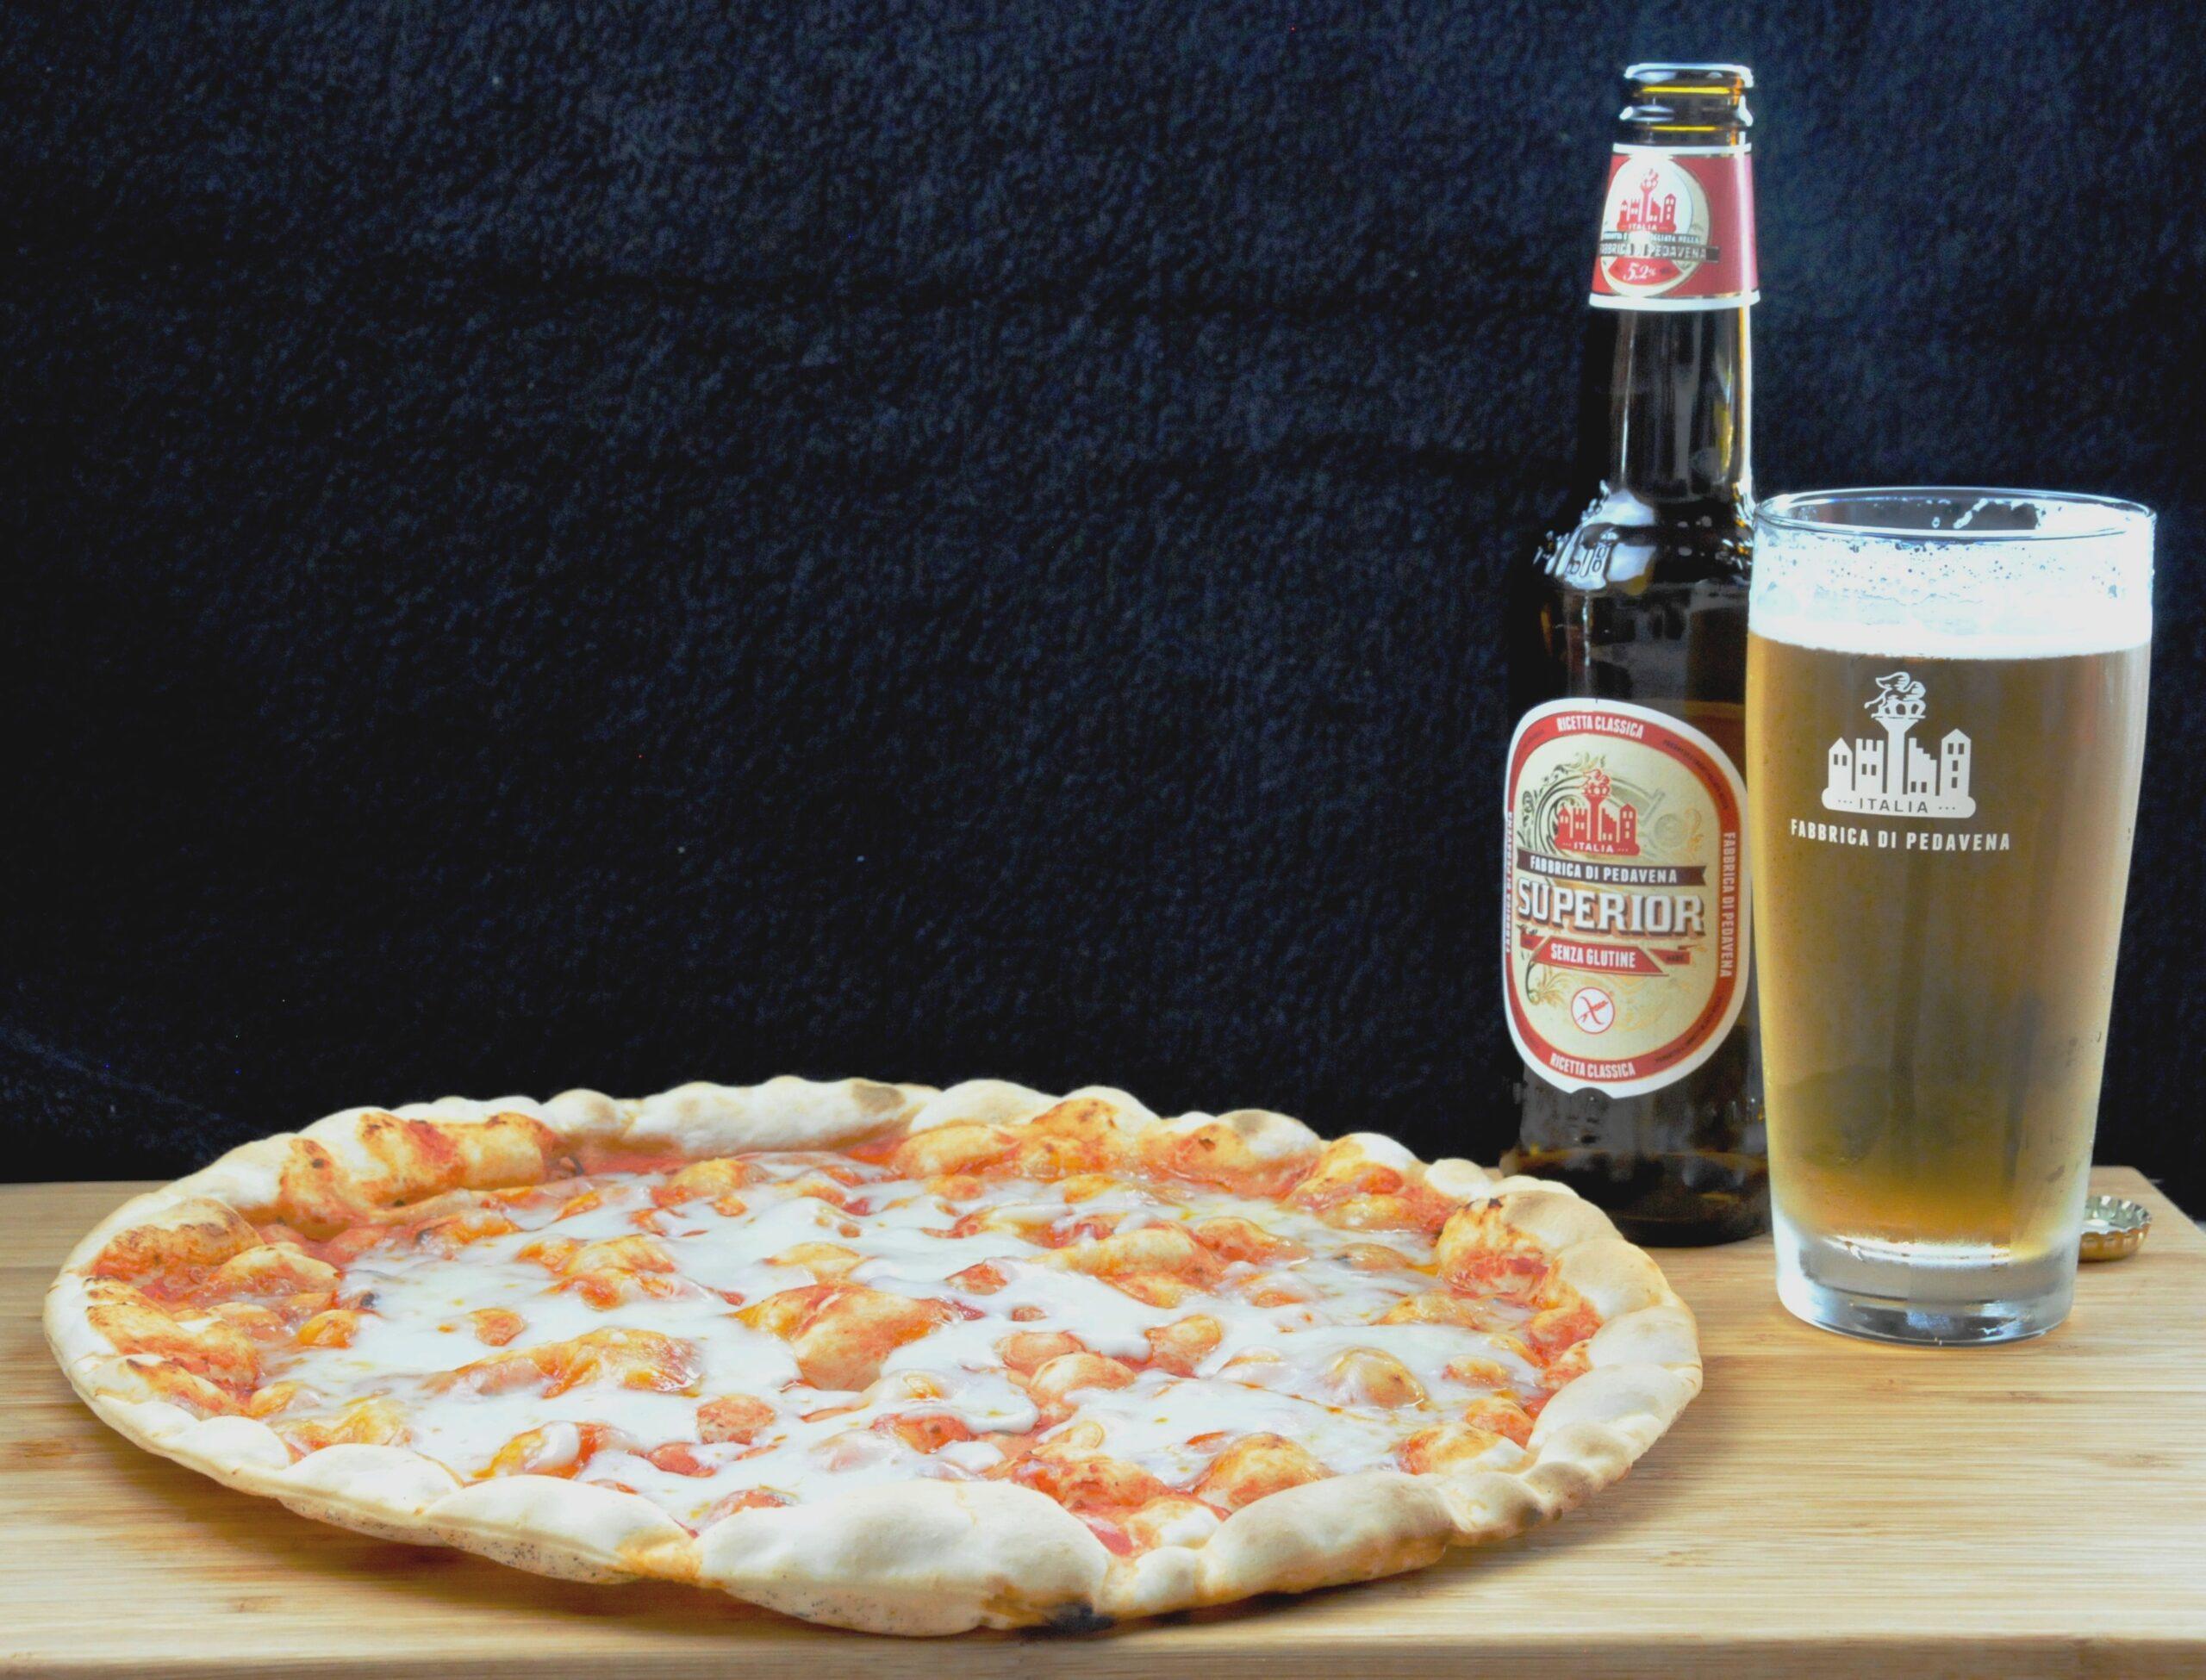 Runner Pizza